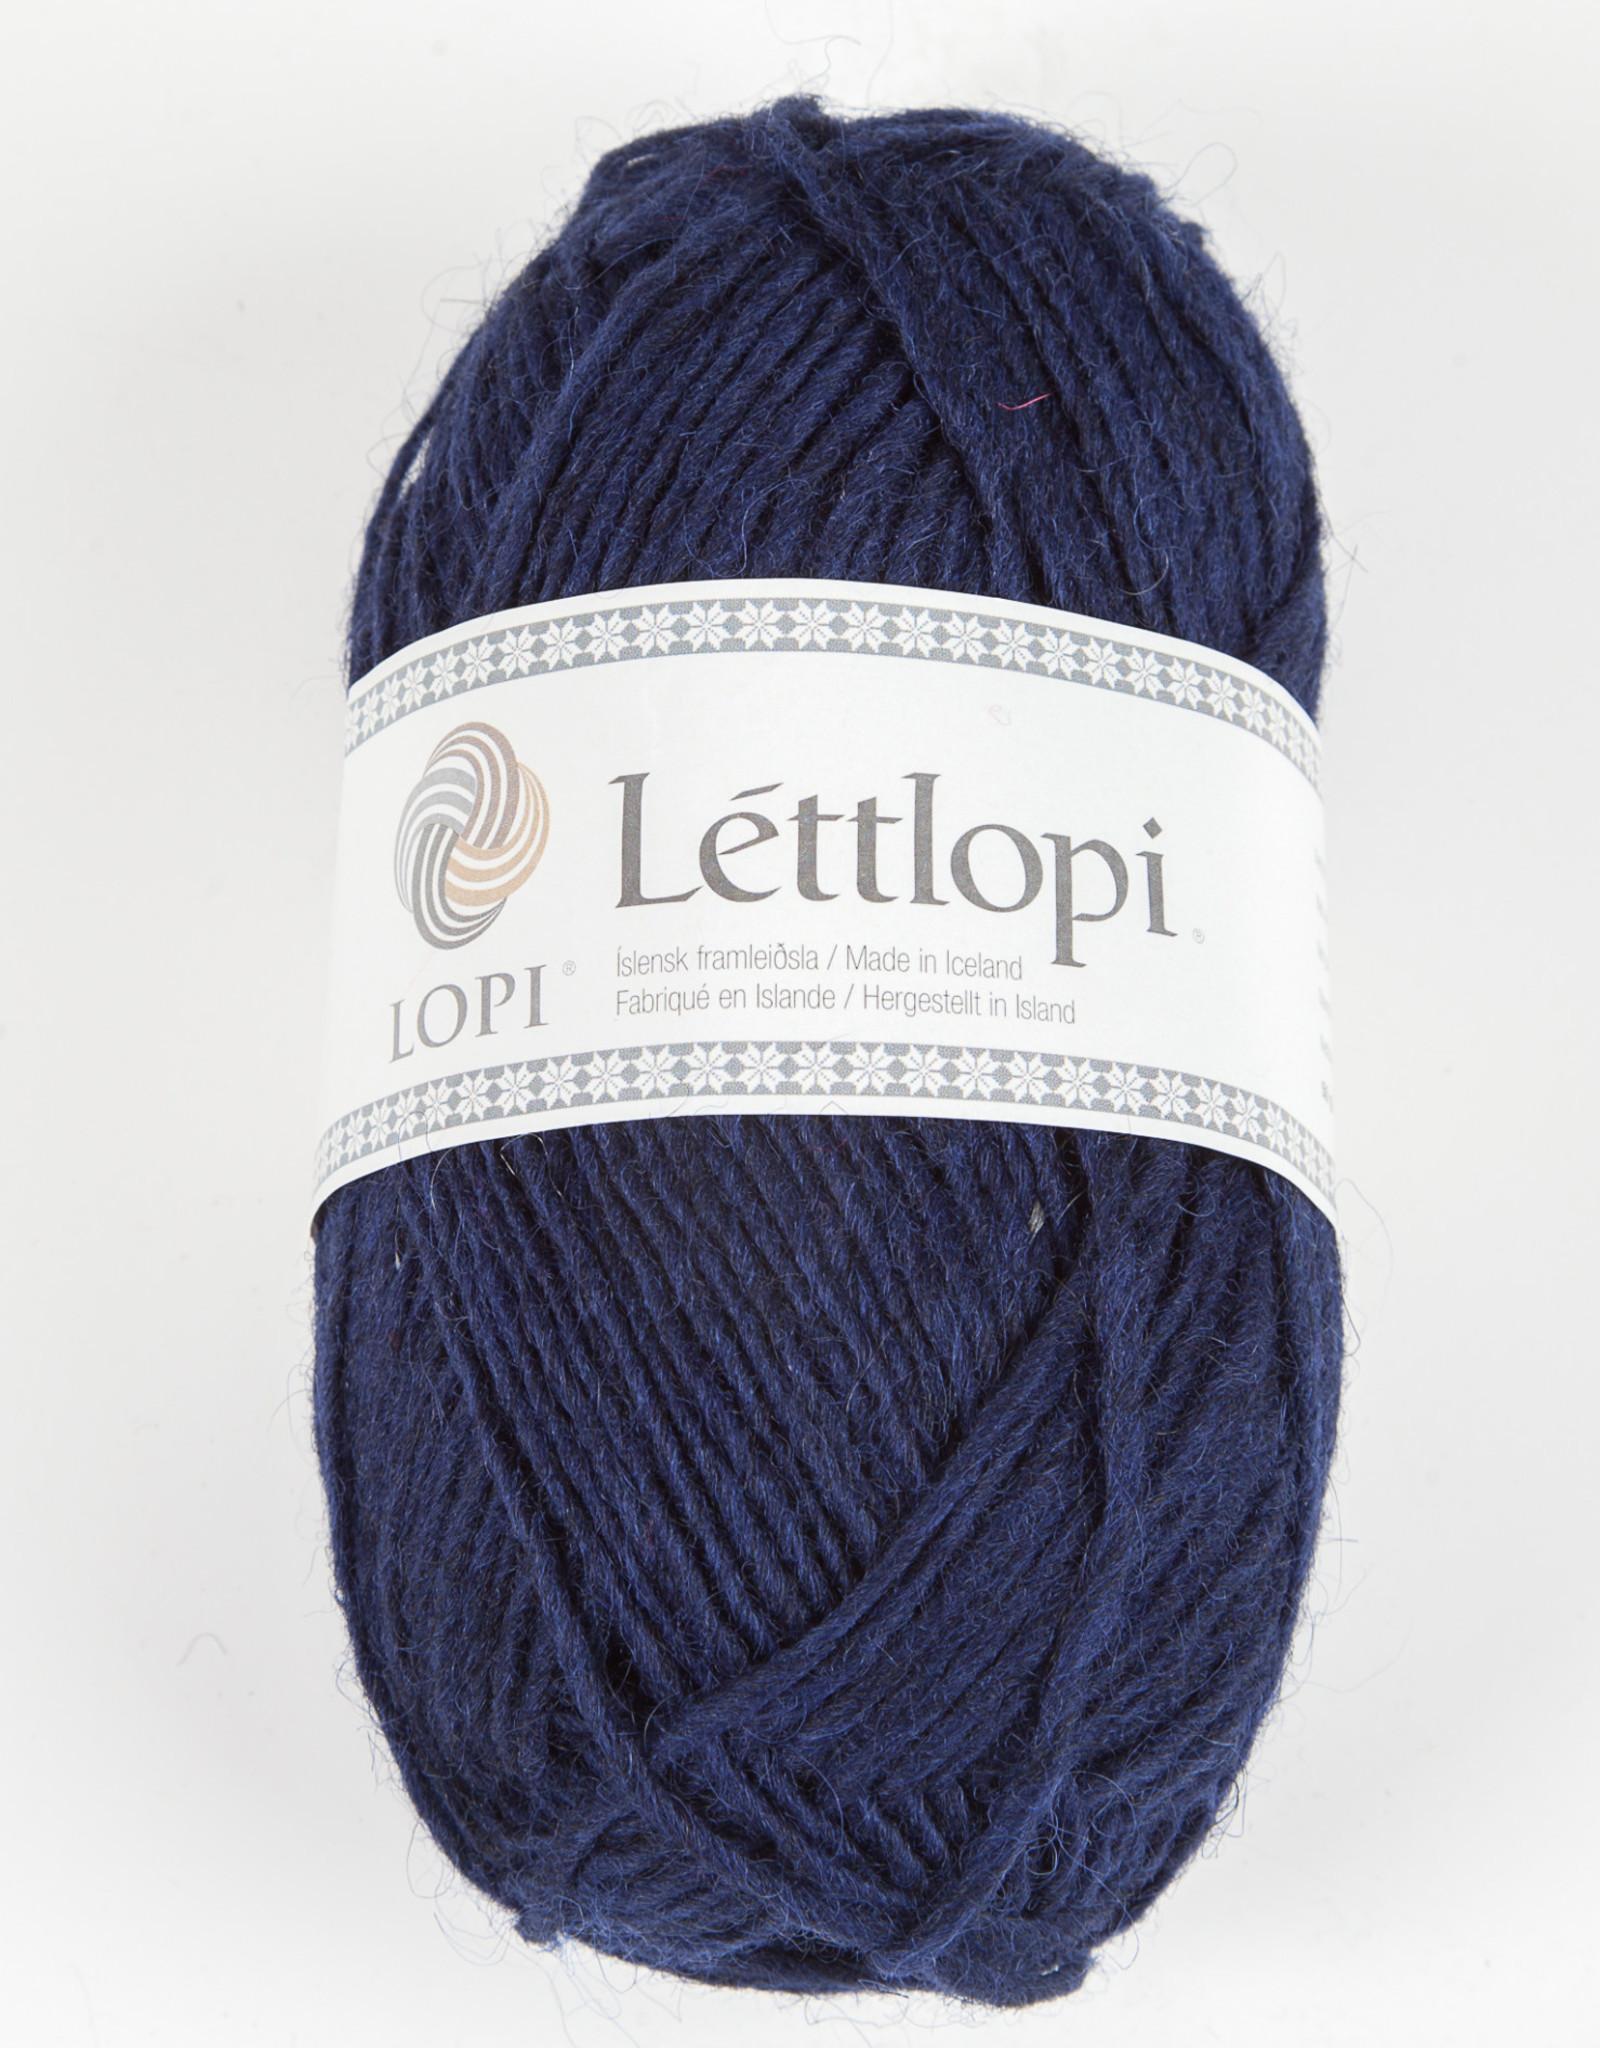 Lettlopi 50g 9420 navy blue